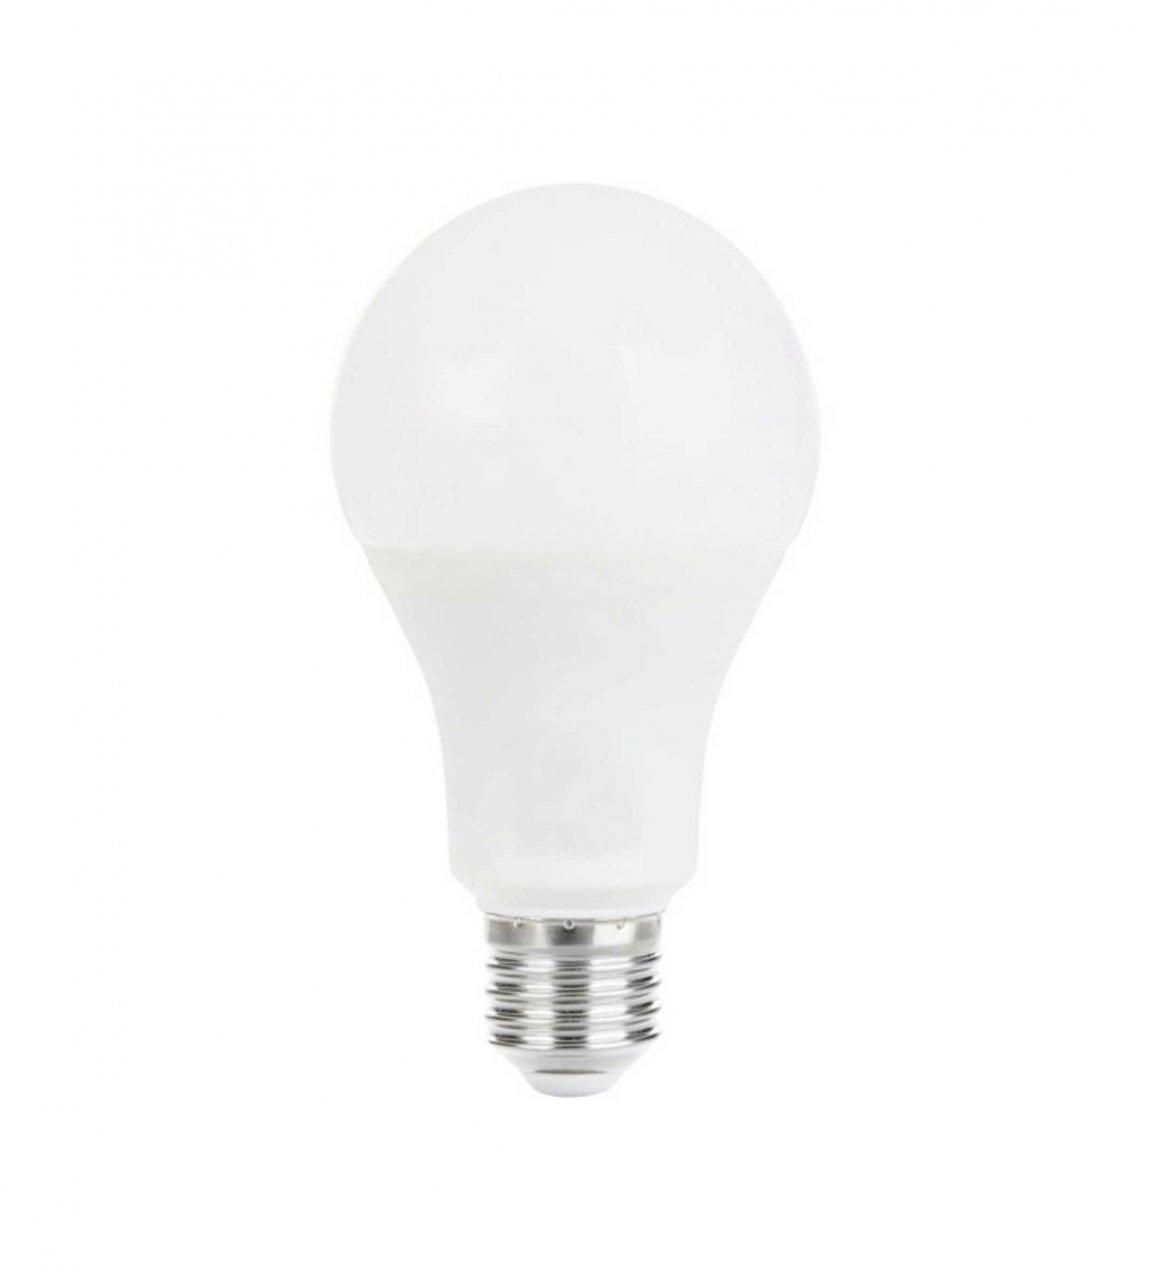 لامپ ال ای دی حبابی ۲۰ وات پارس شعاع تابا پایه E27